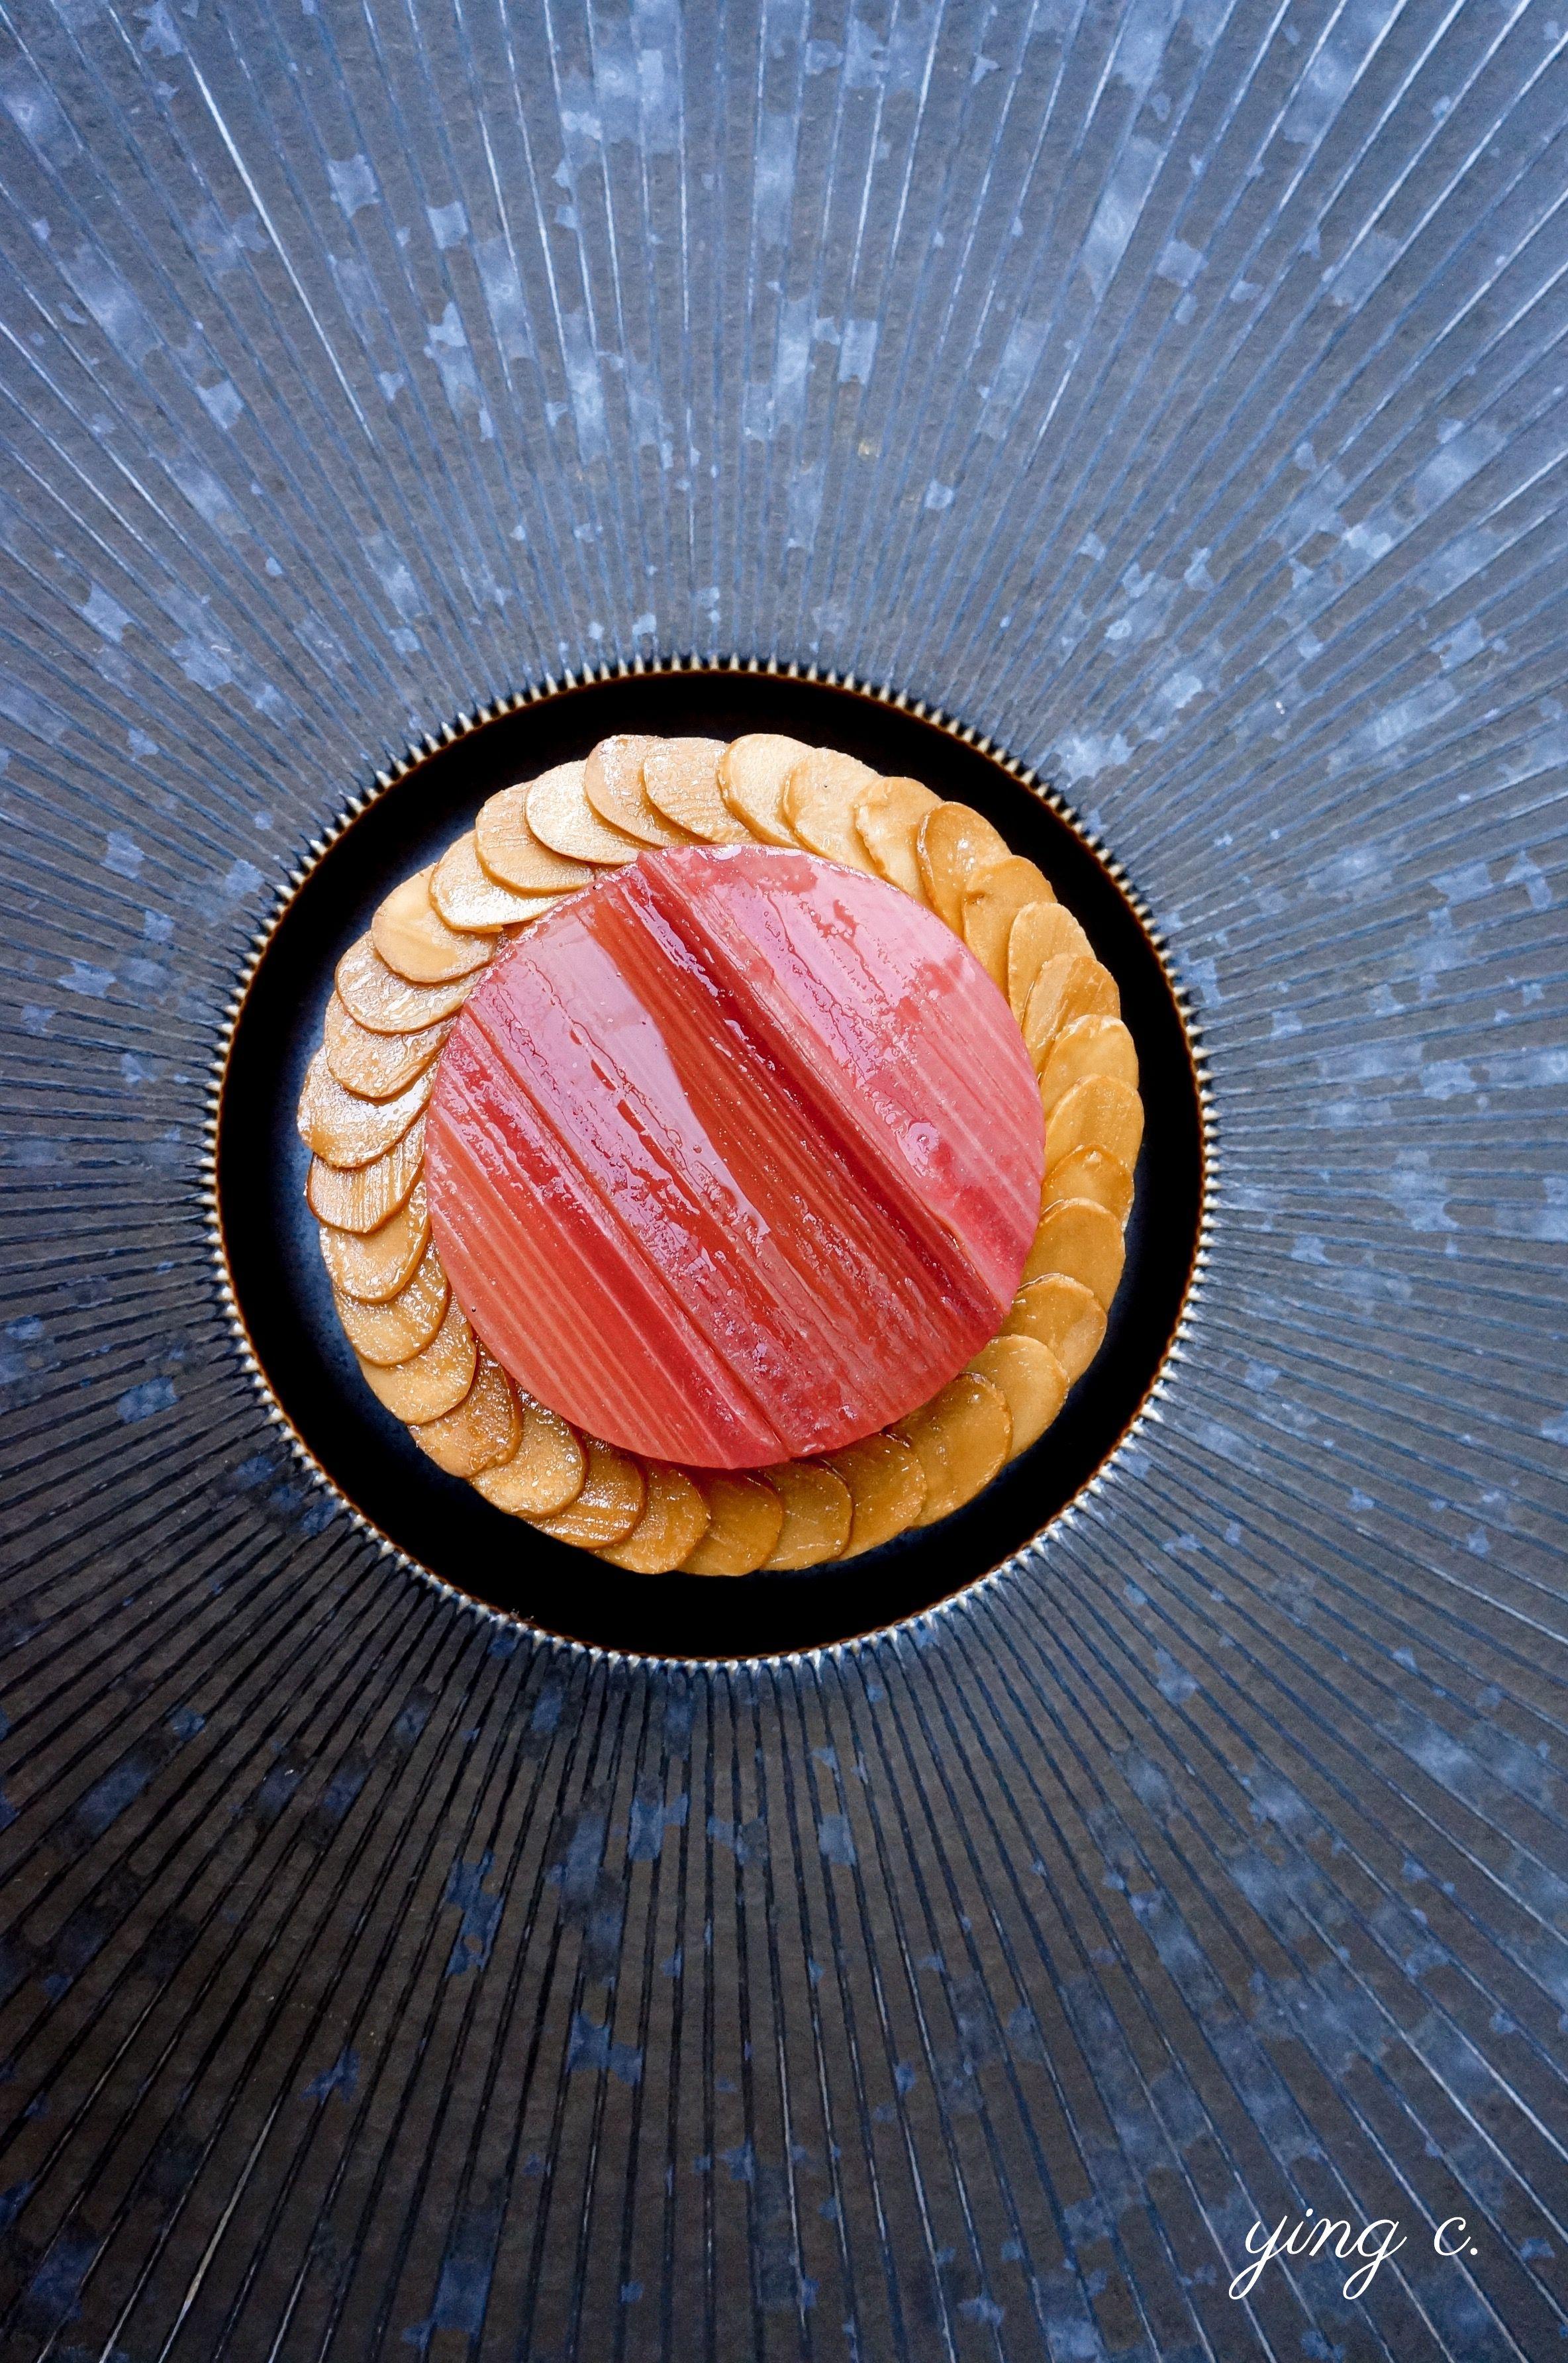 以極薄的杏仁片圍繞一圈做裝飾的大黃塔,上桌前還需要用橄欖油輕刷表面添加亮澤度。